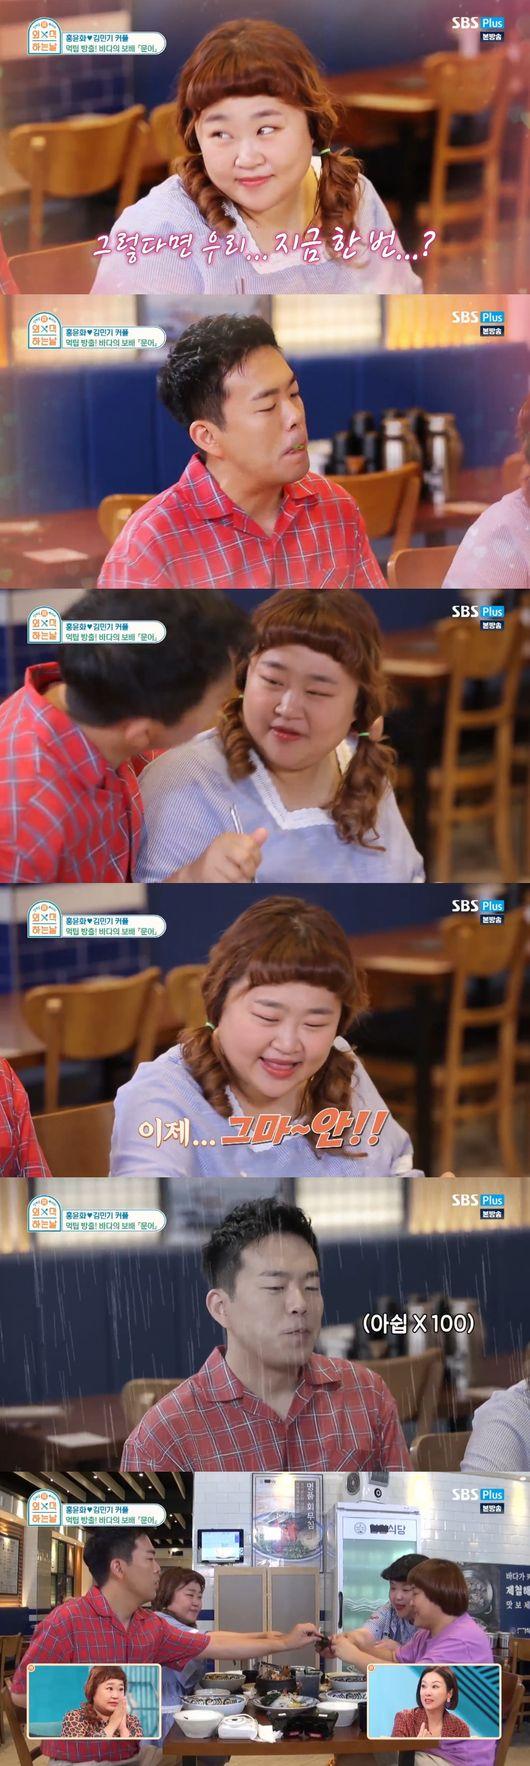 고기→꼬막..외식하는 날 홍윤화♥김민기가 전해준 먹방 꿀팁[종합]